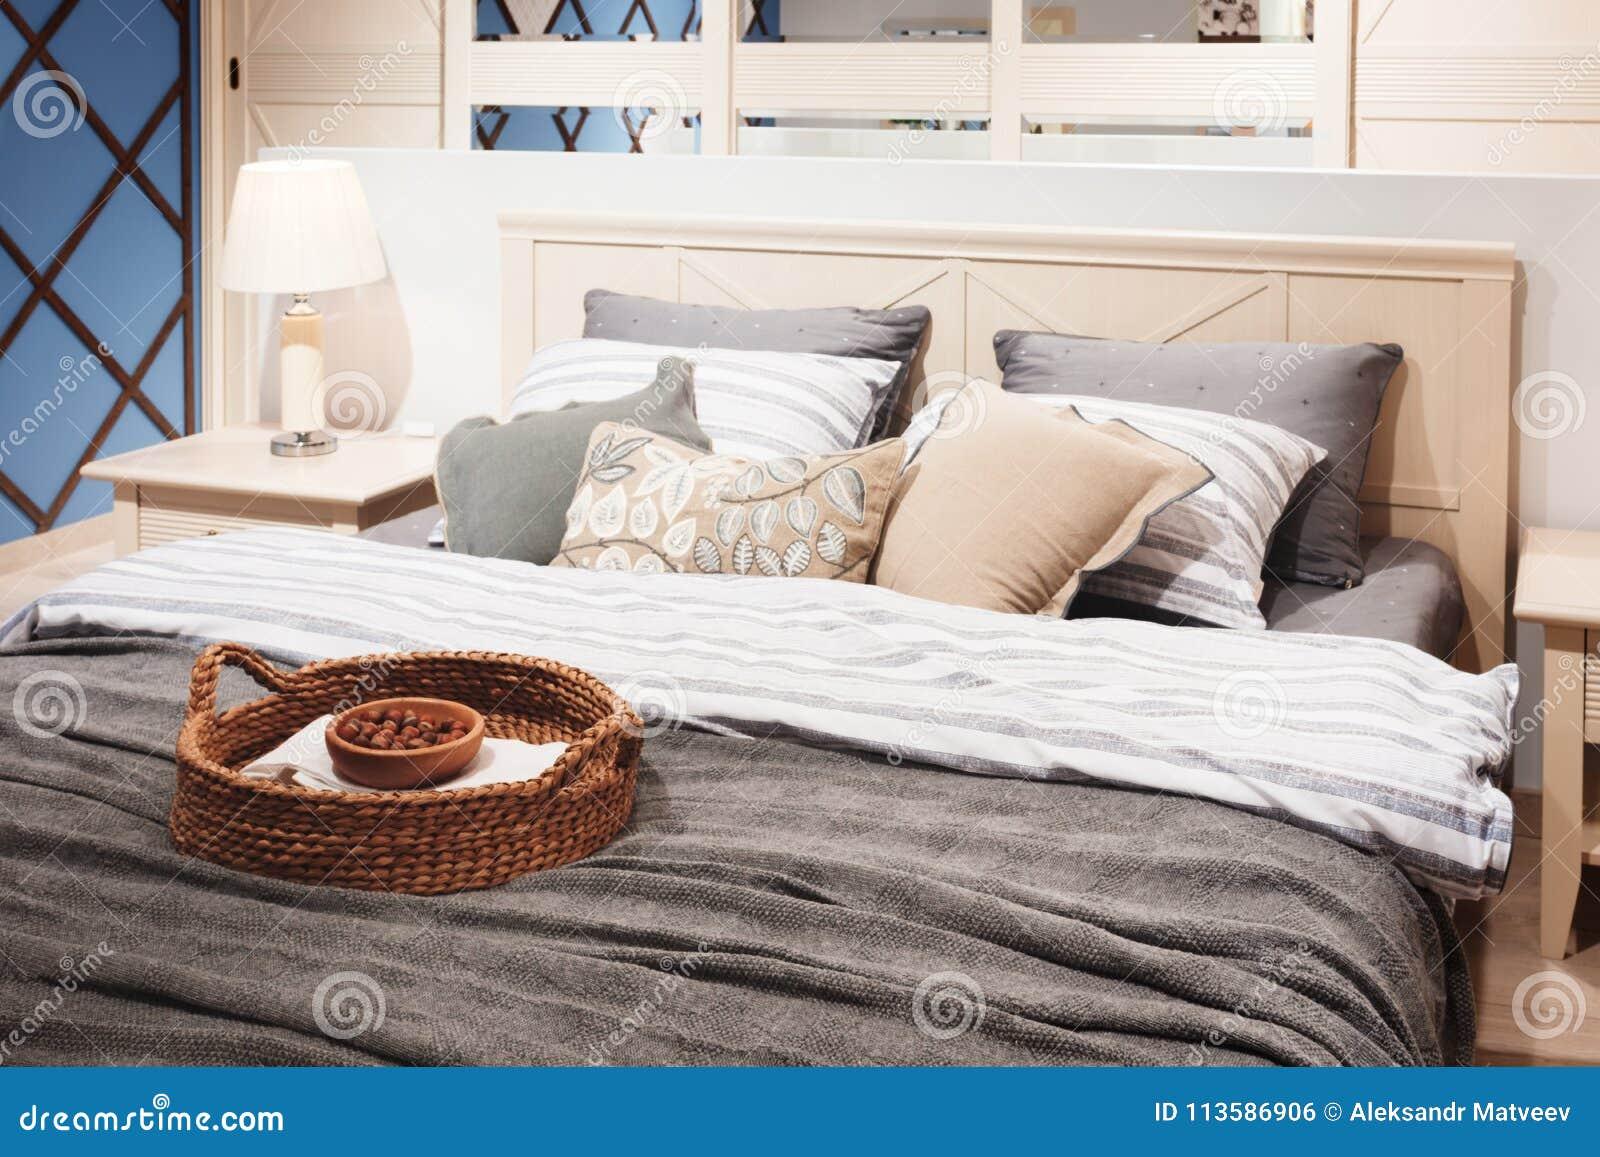 Slaapkamer Interieur Grijs : Slaapkamer van de luxe de moderne stijl in roze grijze en blauwe